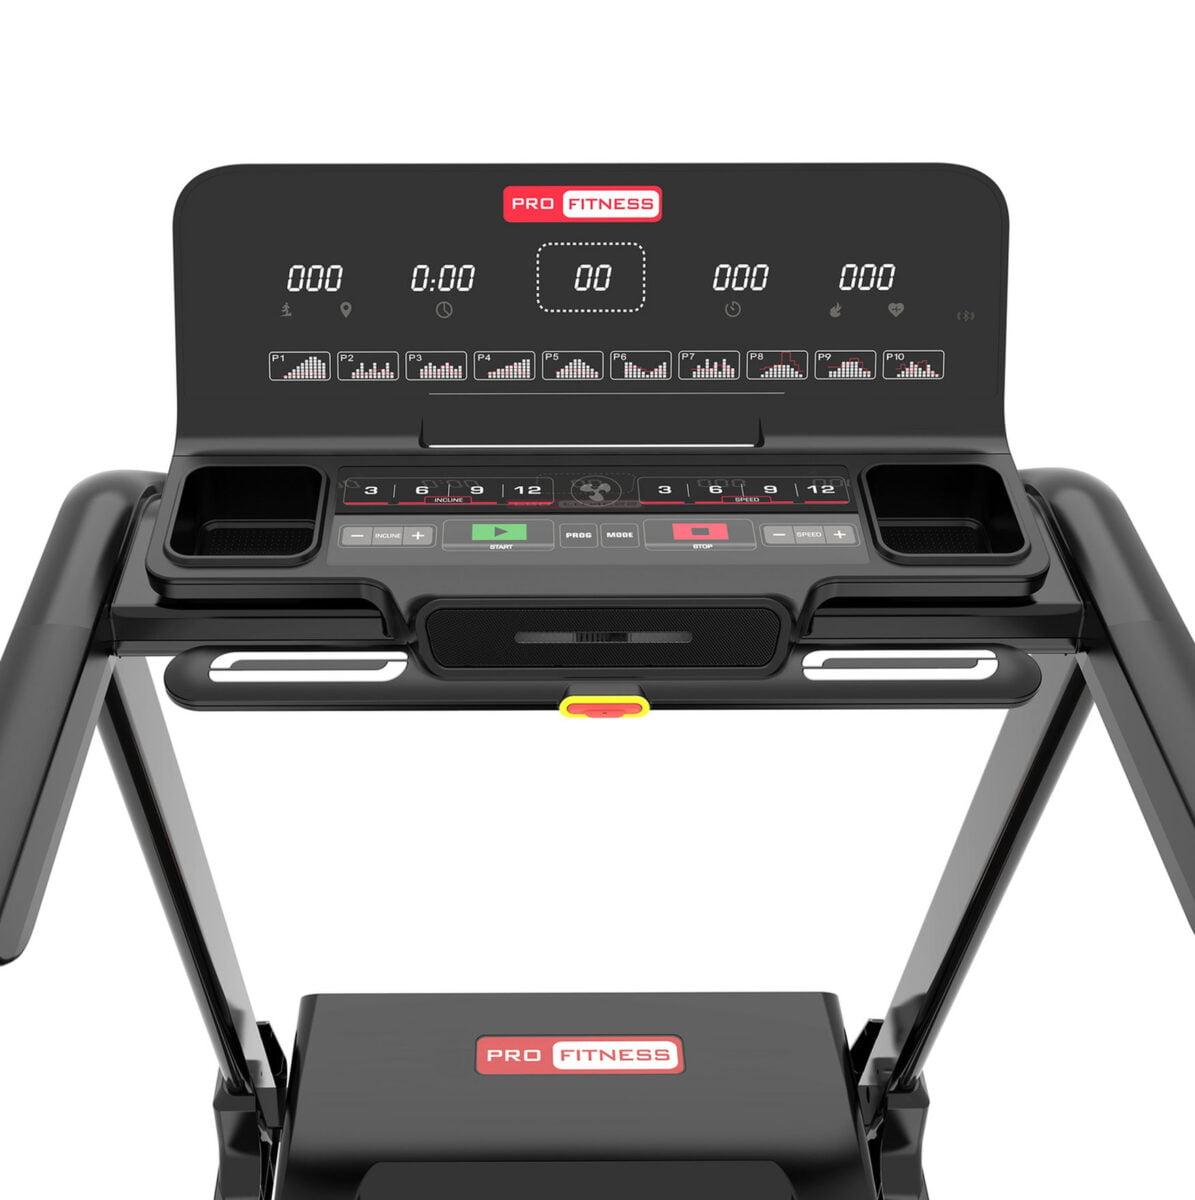 Pro Fitness T2000 Folding Treadmil LCD Screen